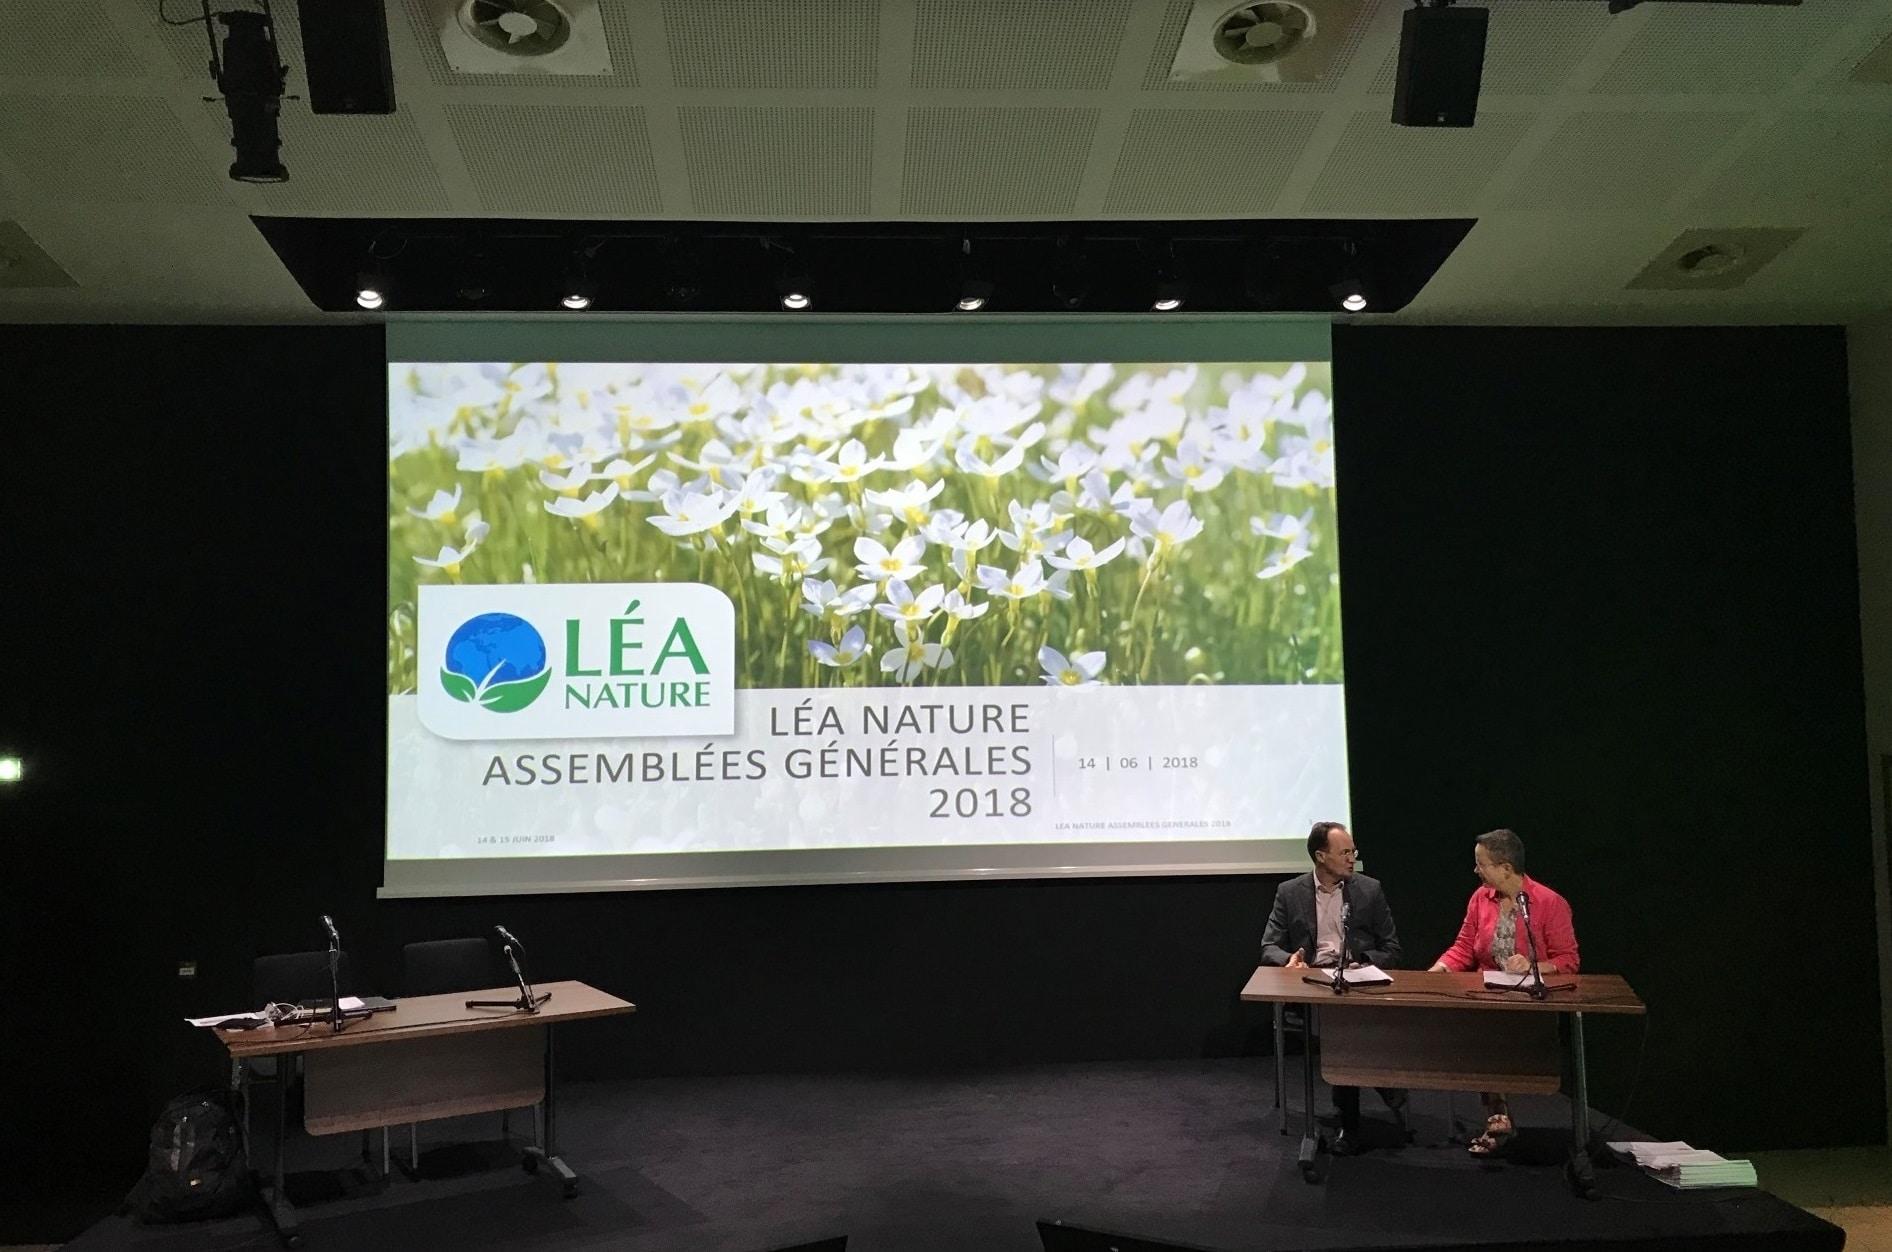 l'assemblée générale 2018 de Léa Nature au BiO'Pôle de Léa à La Rochelle